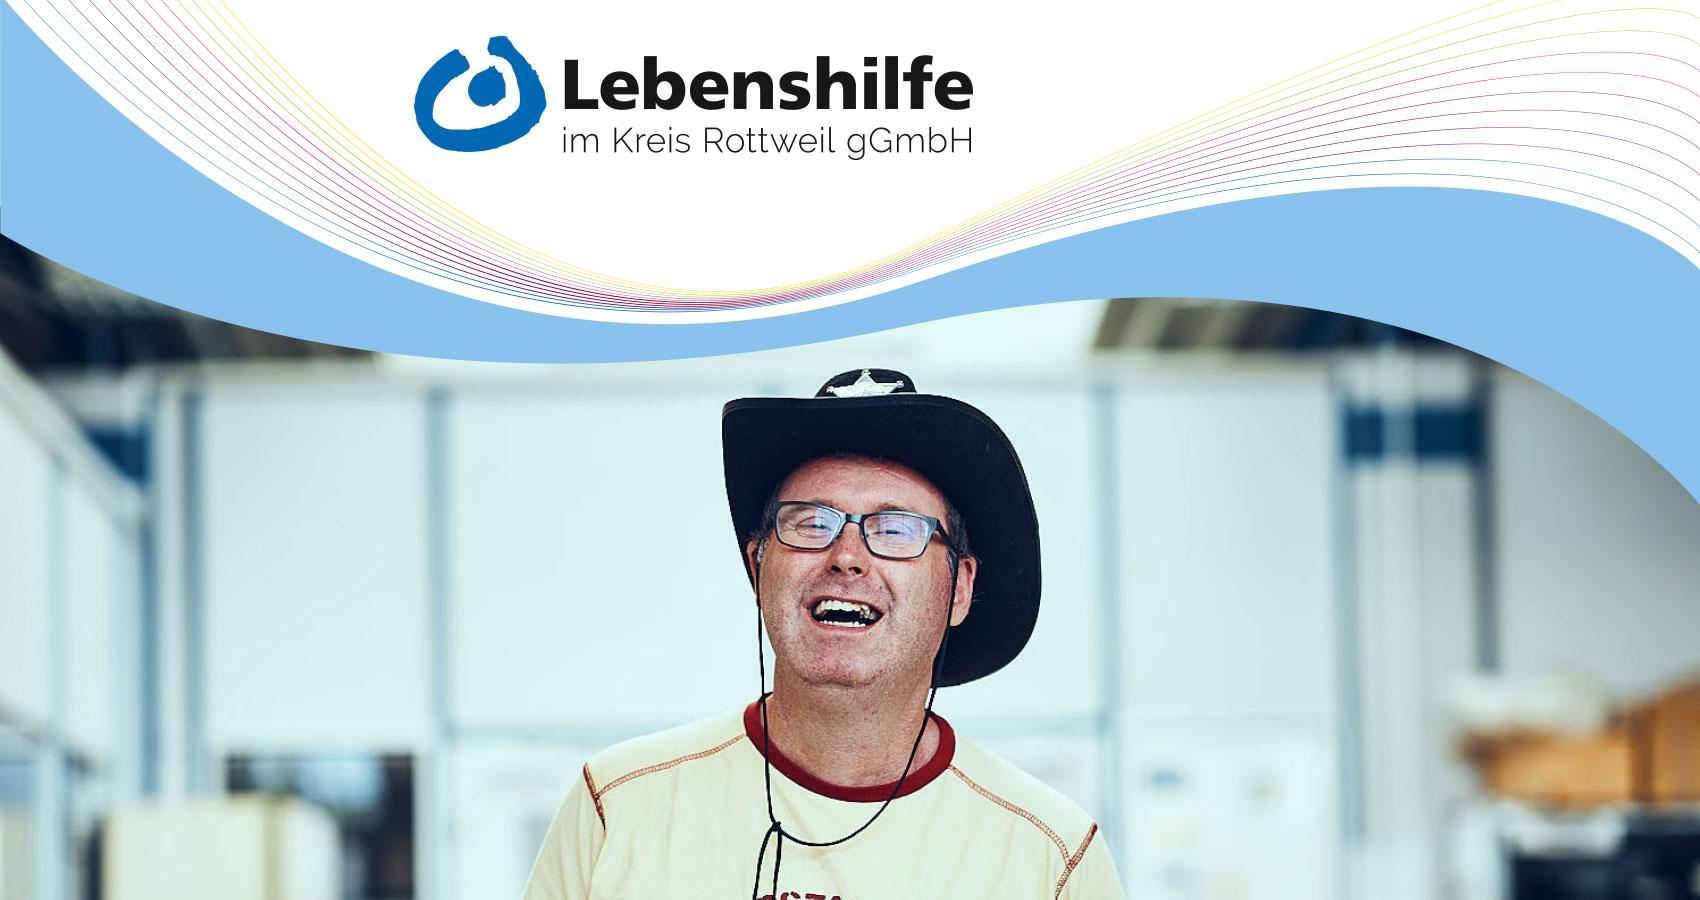 Lebenshilfe im Kreis Rottweil gGmbH - Erfolgsgeschichten